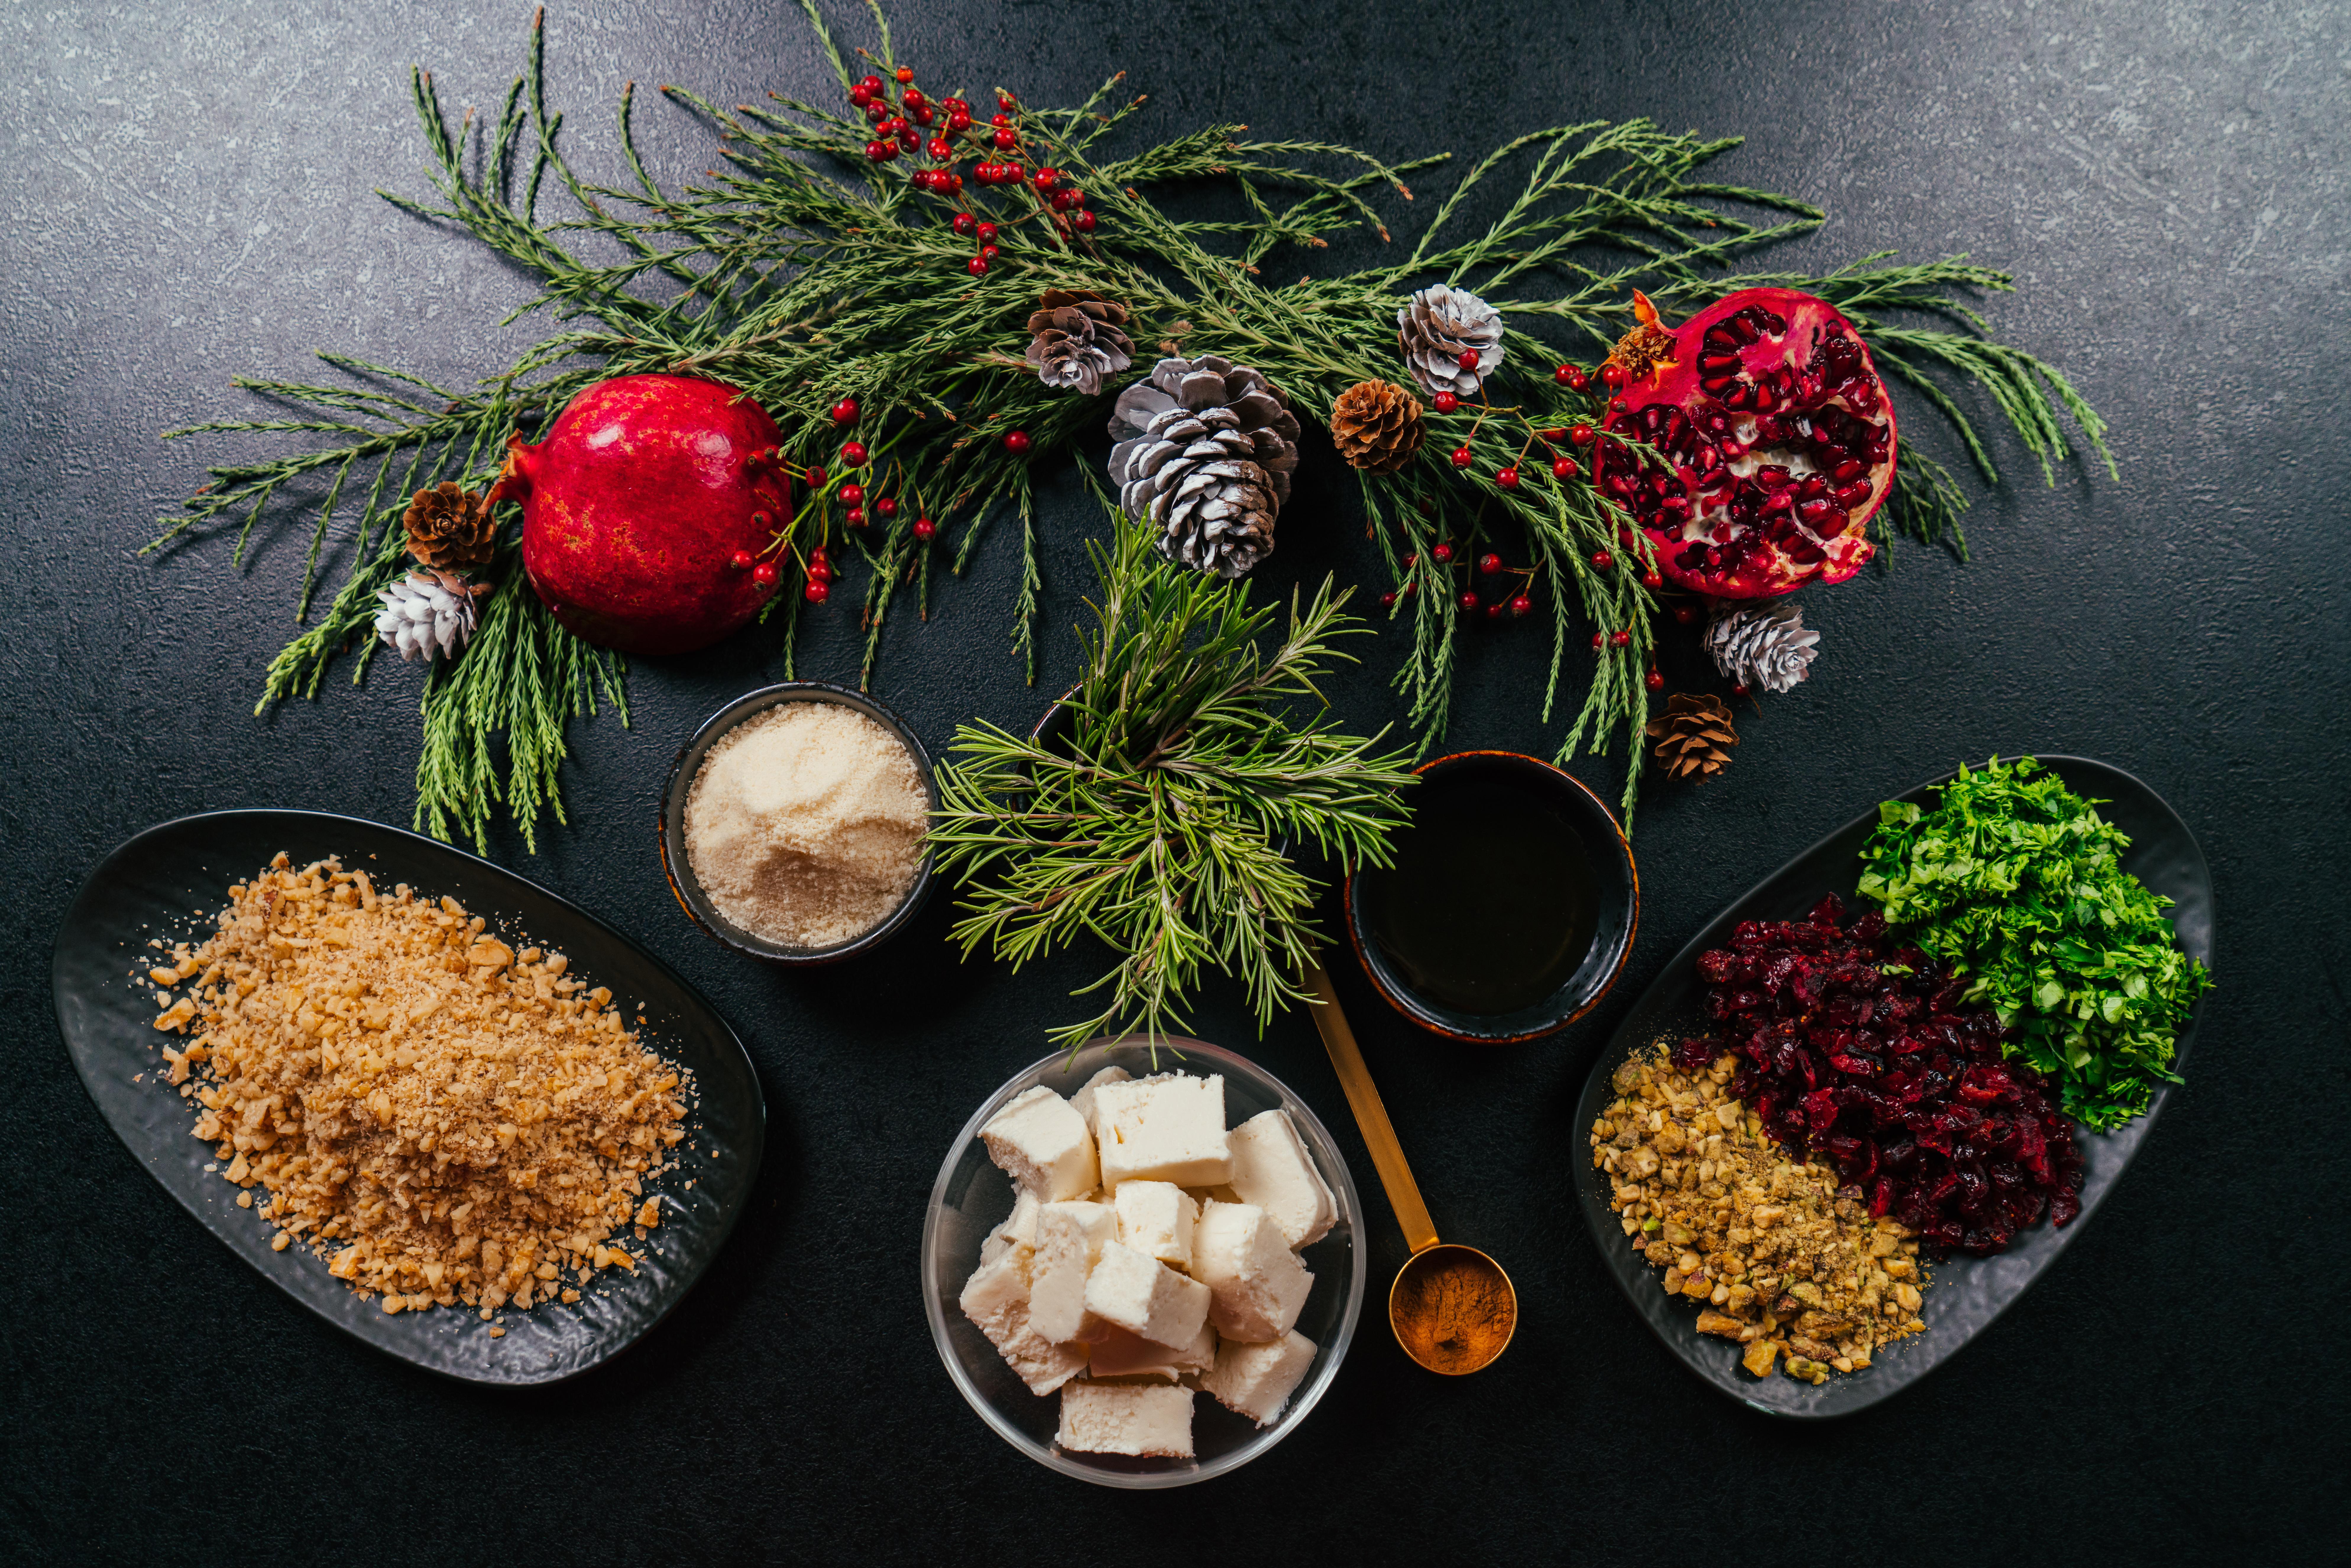 ingredientes necesarios para hacer bocados navideños fáciles y rápidos, bolas de queso crema, parmesano y frutas secas